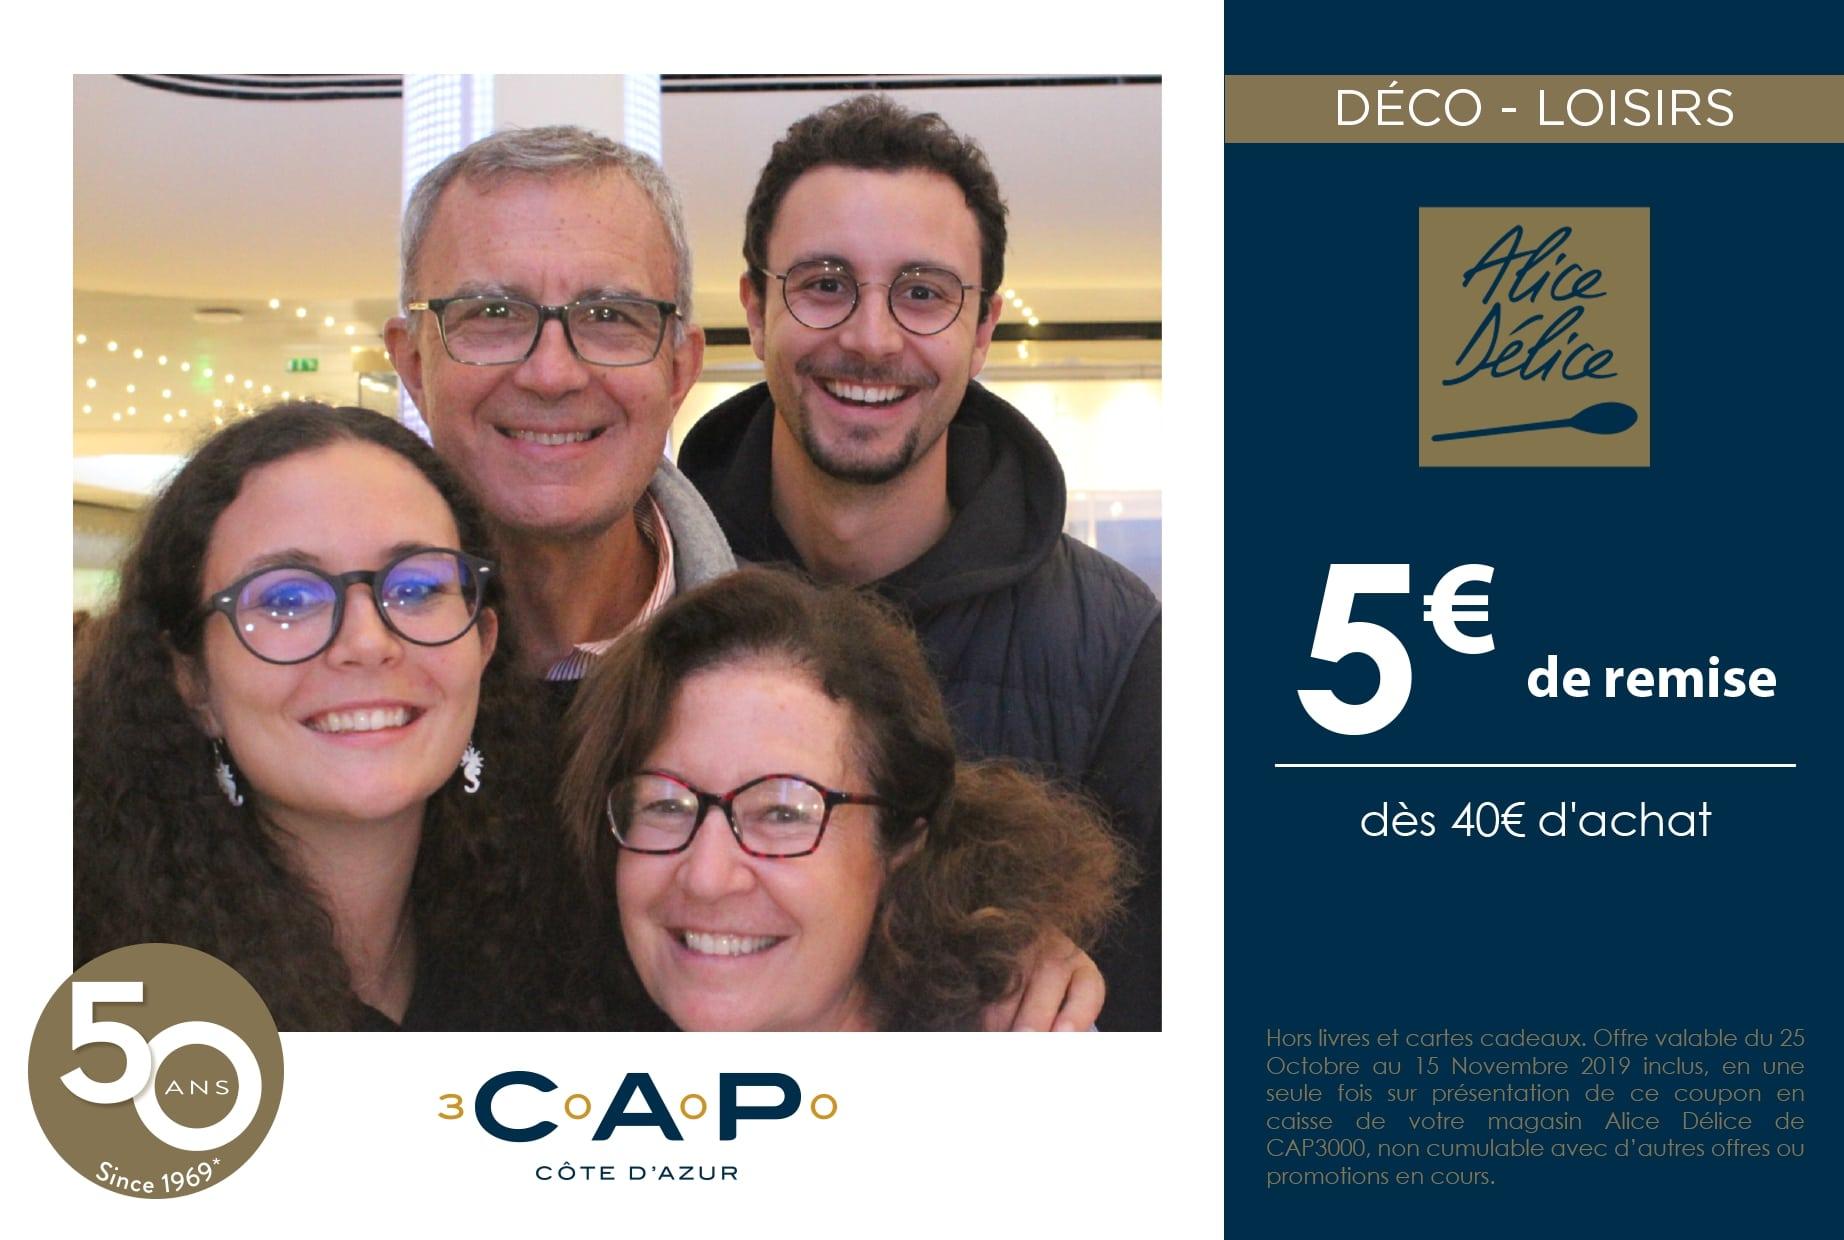 Animation selfie box pour anniversaire 50 ans centre commercial Cap 3000 à Saint Laurent du Var près de Nice - photobooth avec impressions photos et coupons de réduction détachables